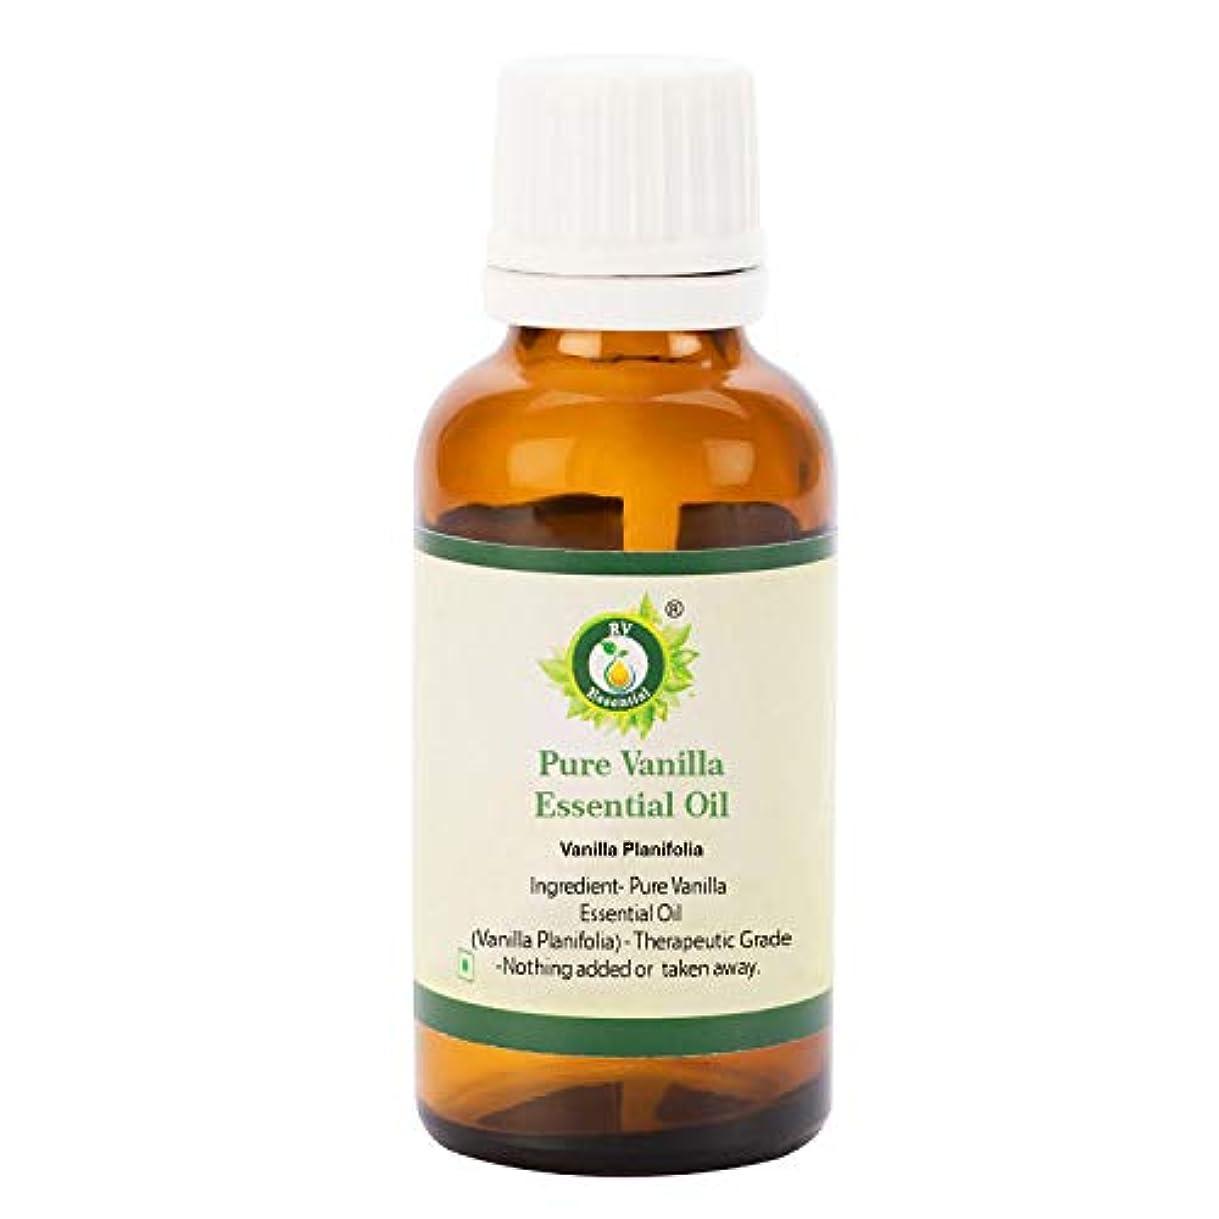 艶生産的隠すR V Essential ピュアバニラエッセンシャルオイル50ml (1.69oz)- Vanilla Planifolia (100%純粋&天然) Pure Vanilla Essential Oil